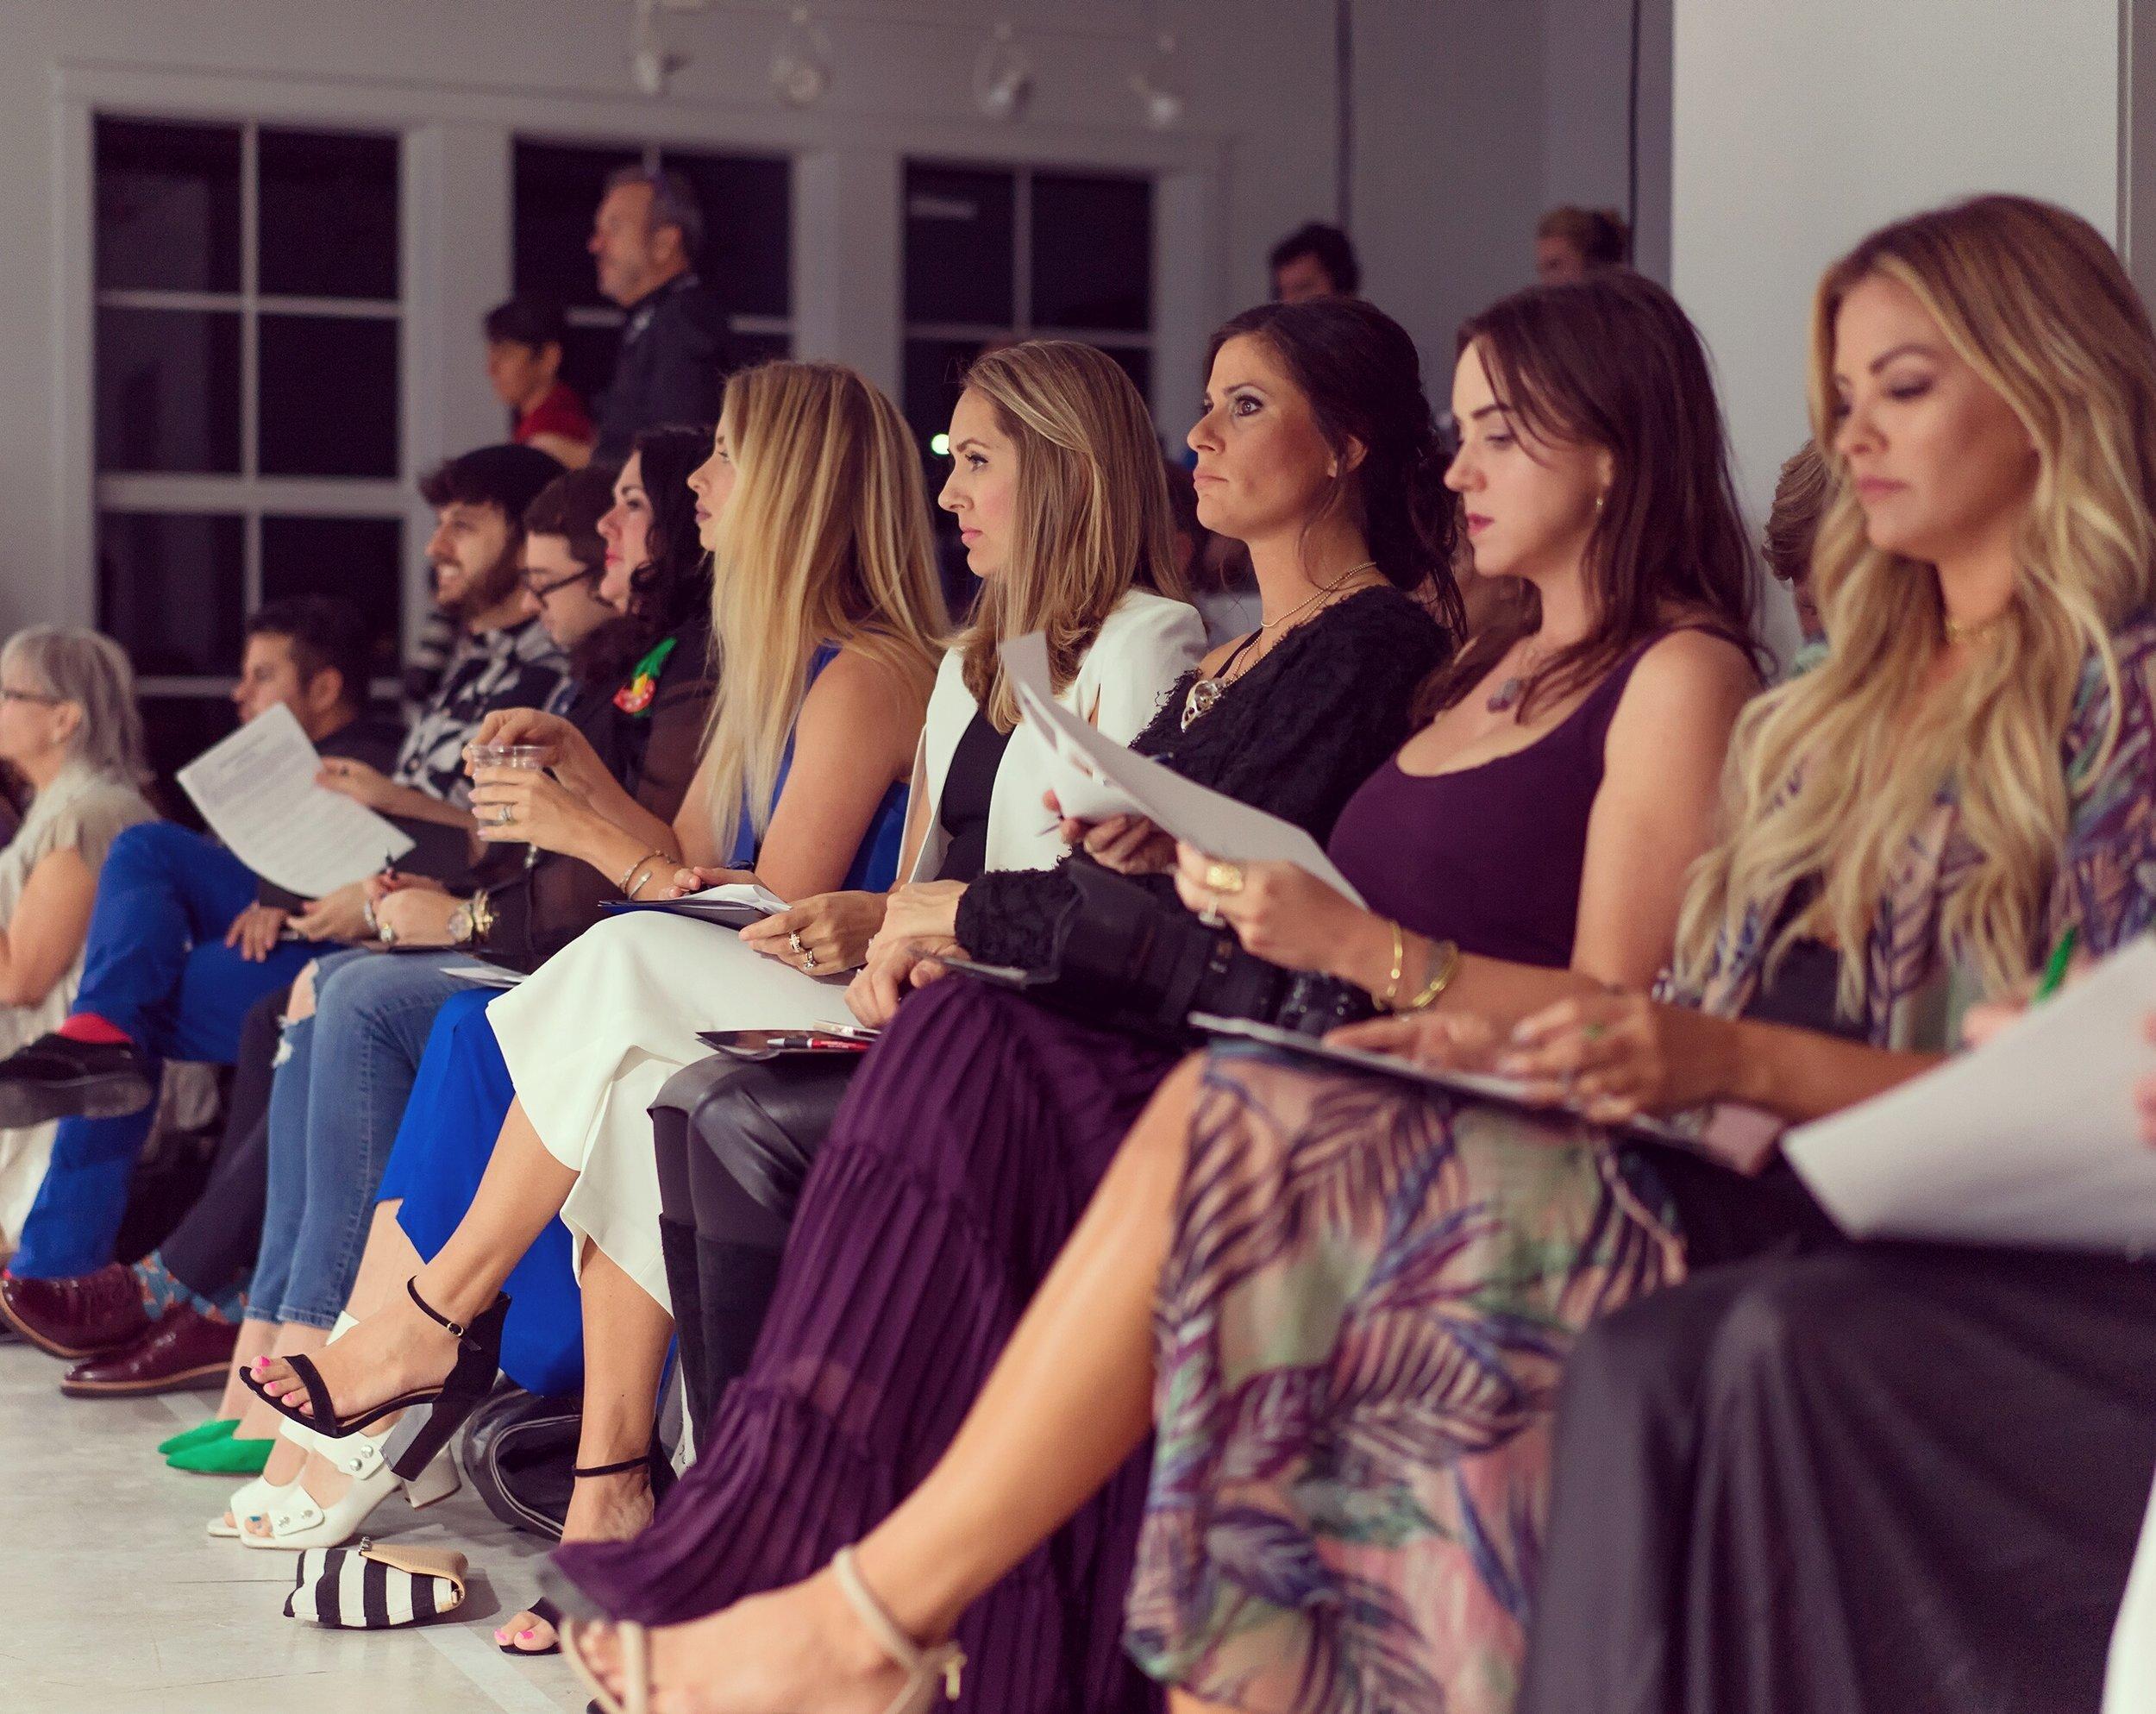 South Walton Fashion Week